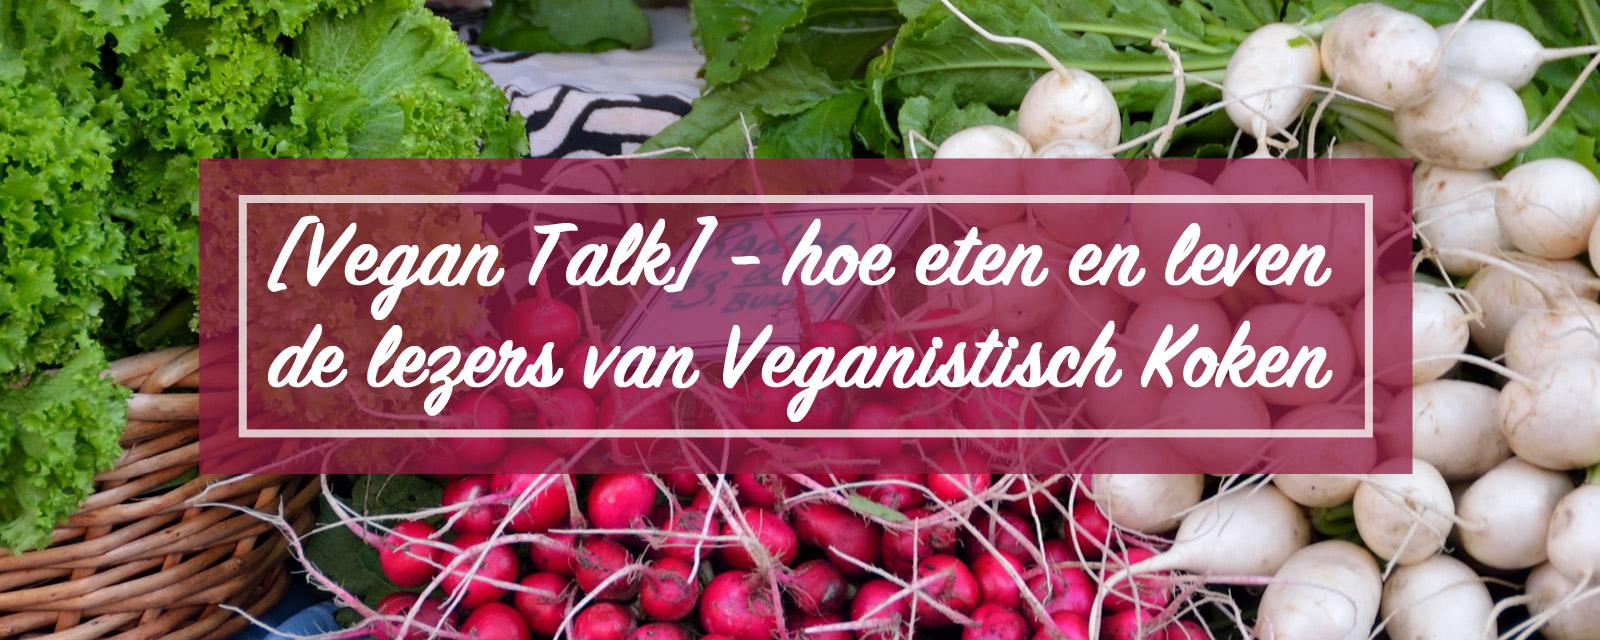 Hoe eten en leven de lezers van Veganistisch Koken